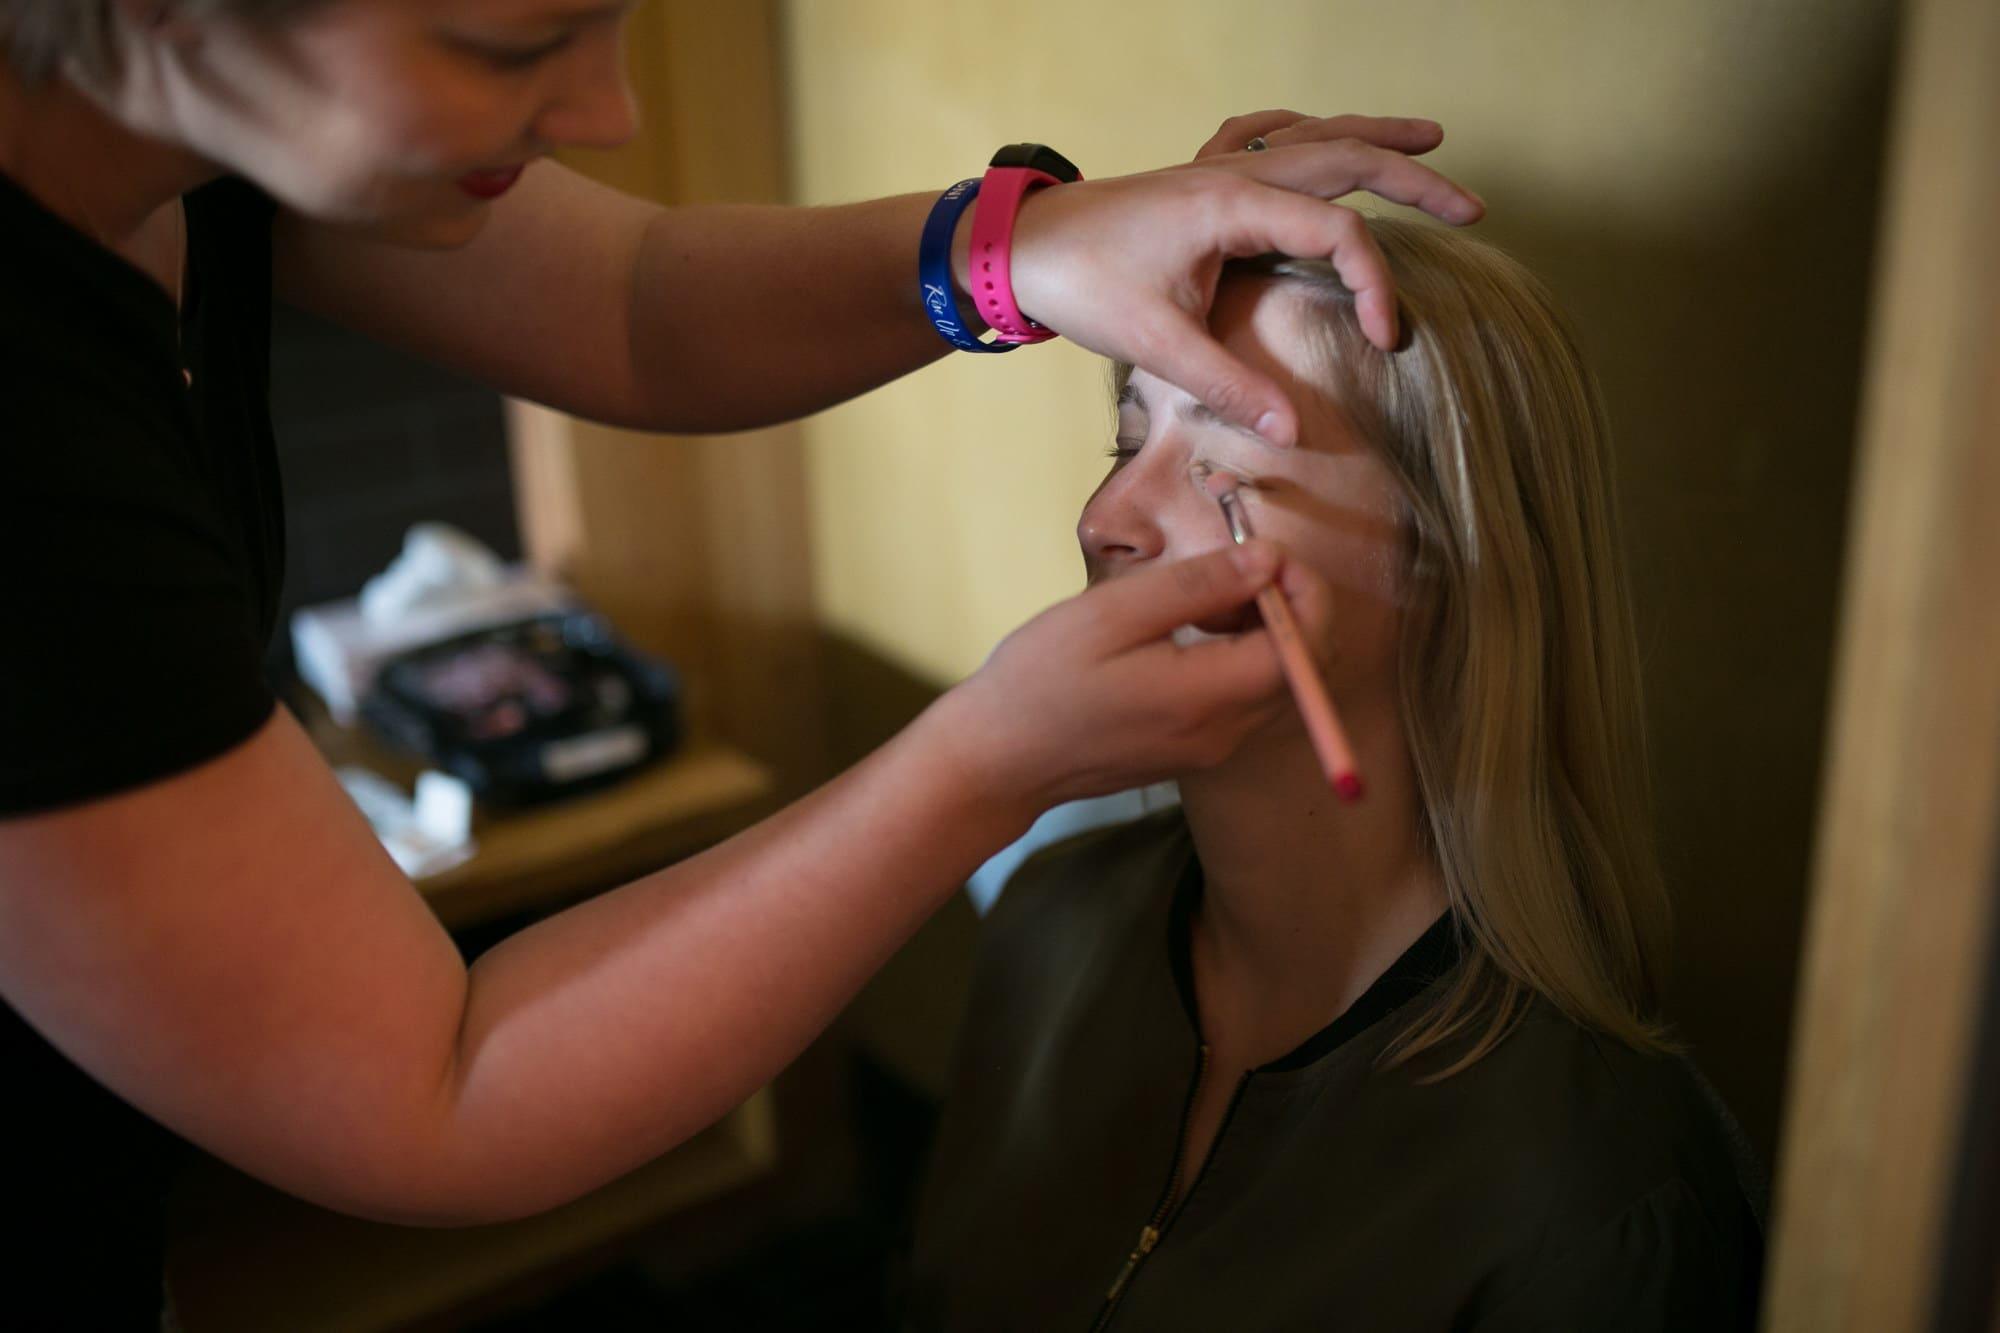 Brautstyling schminken Augenlider Pinsel